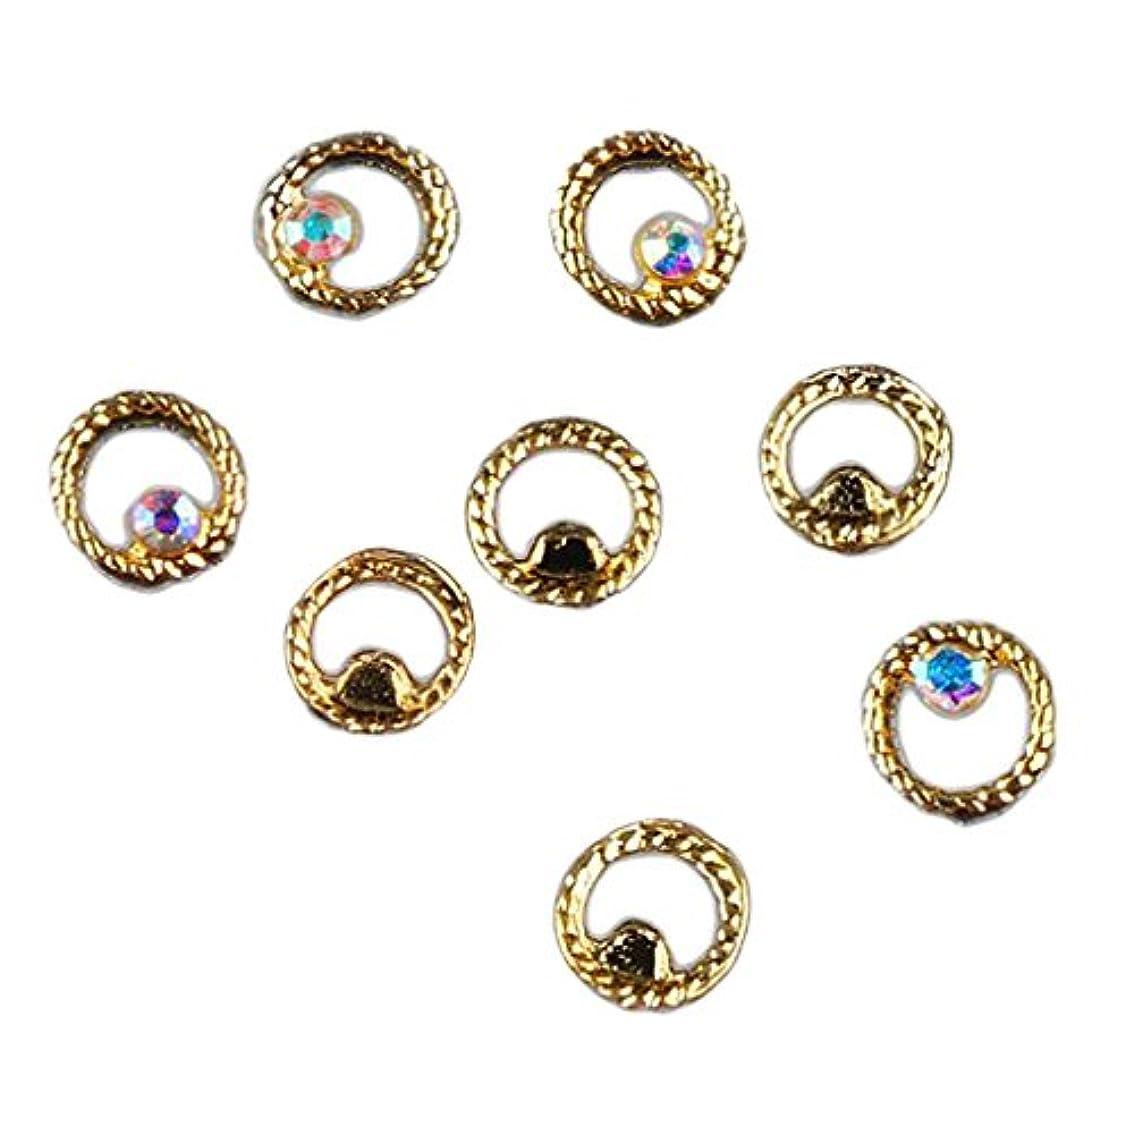 オーク一晩暗くするKesoto マニキュア ダイヤモンド 約50個 3Dネイルアート ヒントステッカー 装飾 全8タイプ選べ - 3